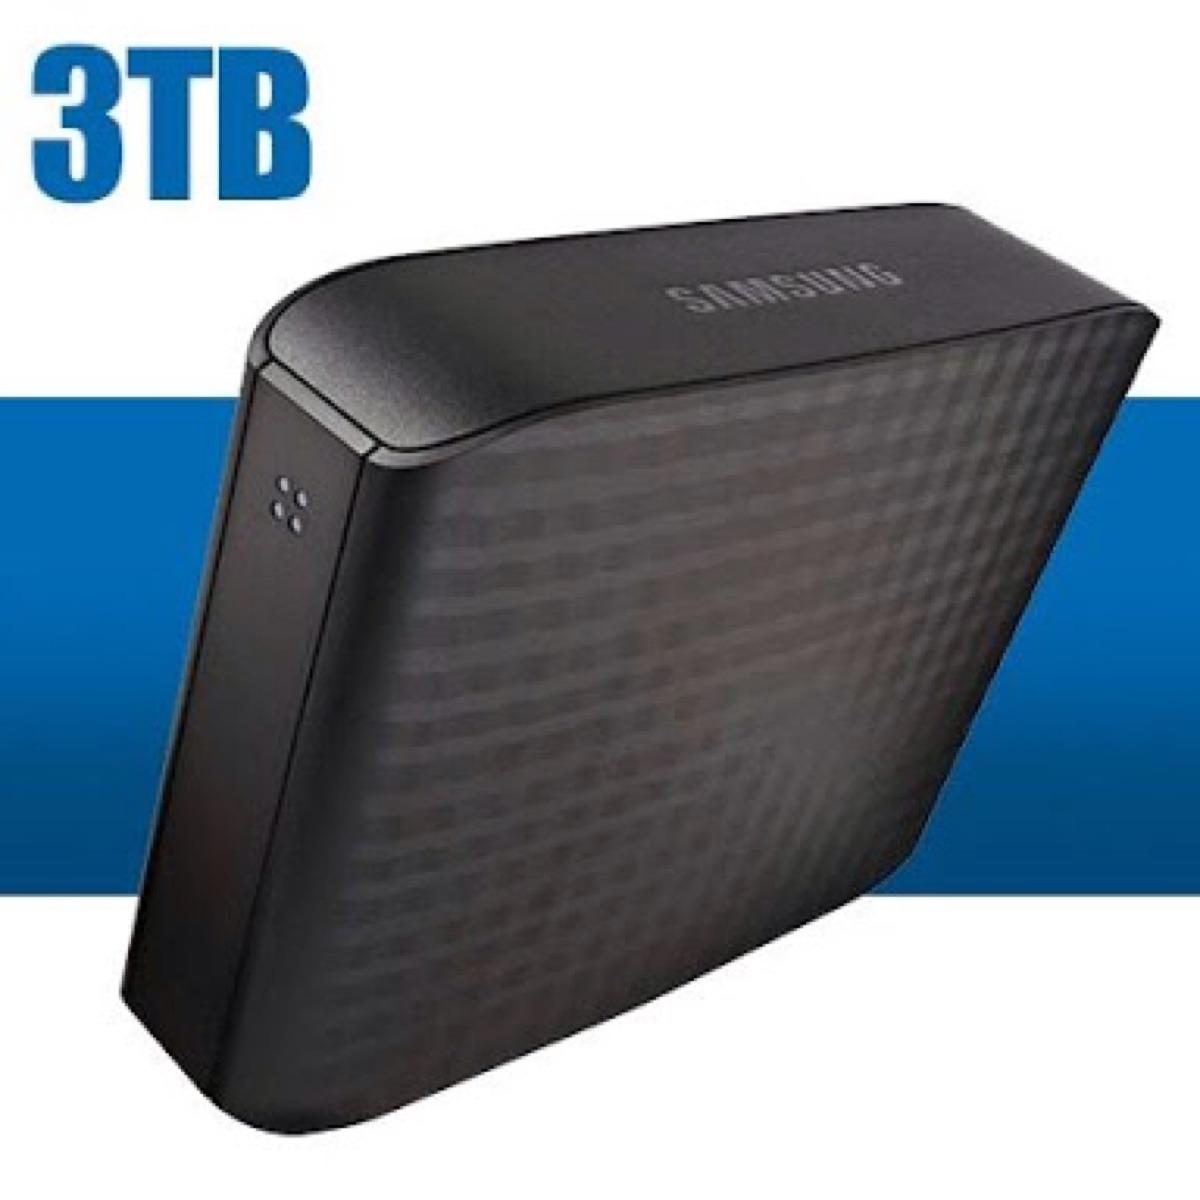 Hd 3tb Samsung Externo R 949 90 Em Mercado Livre